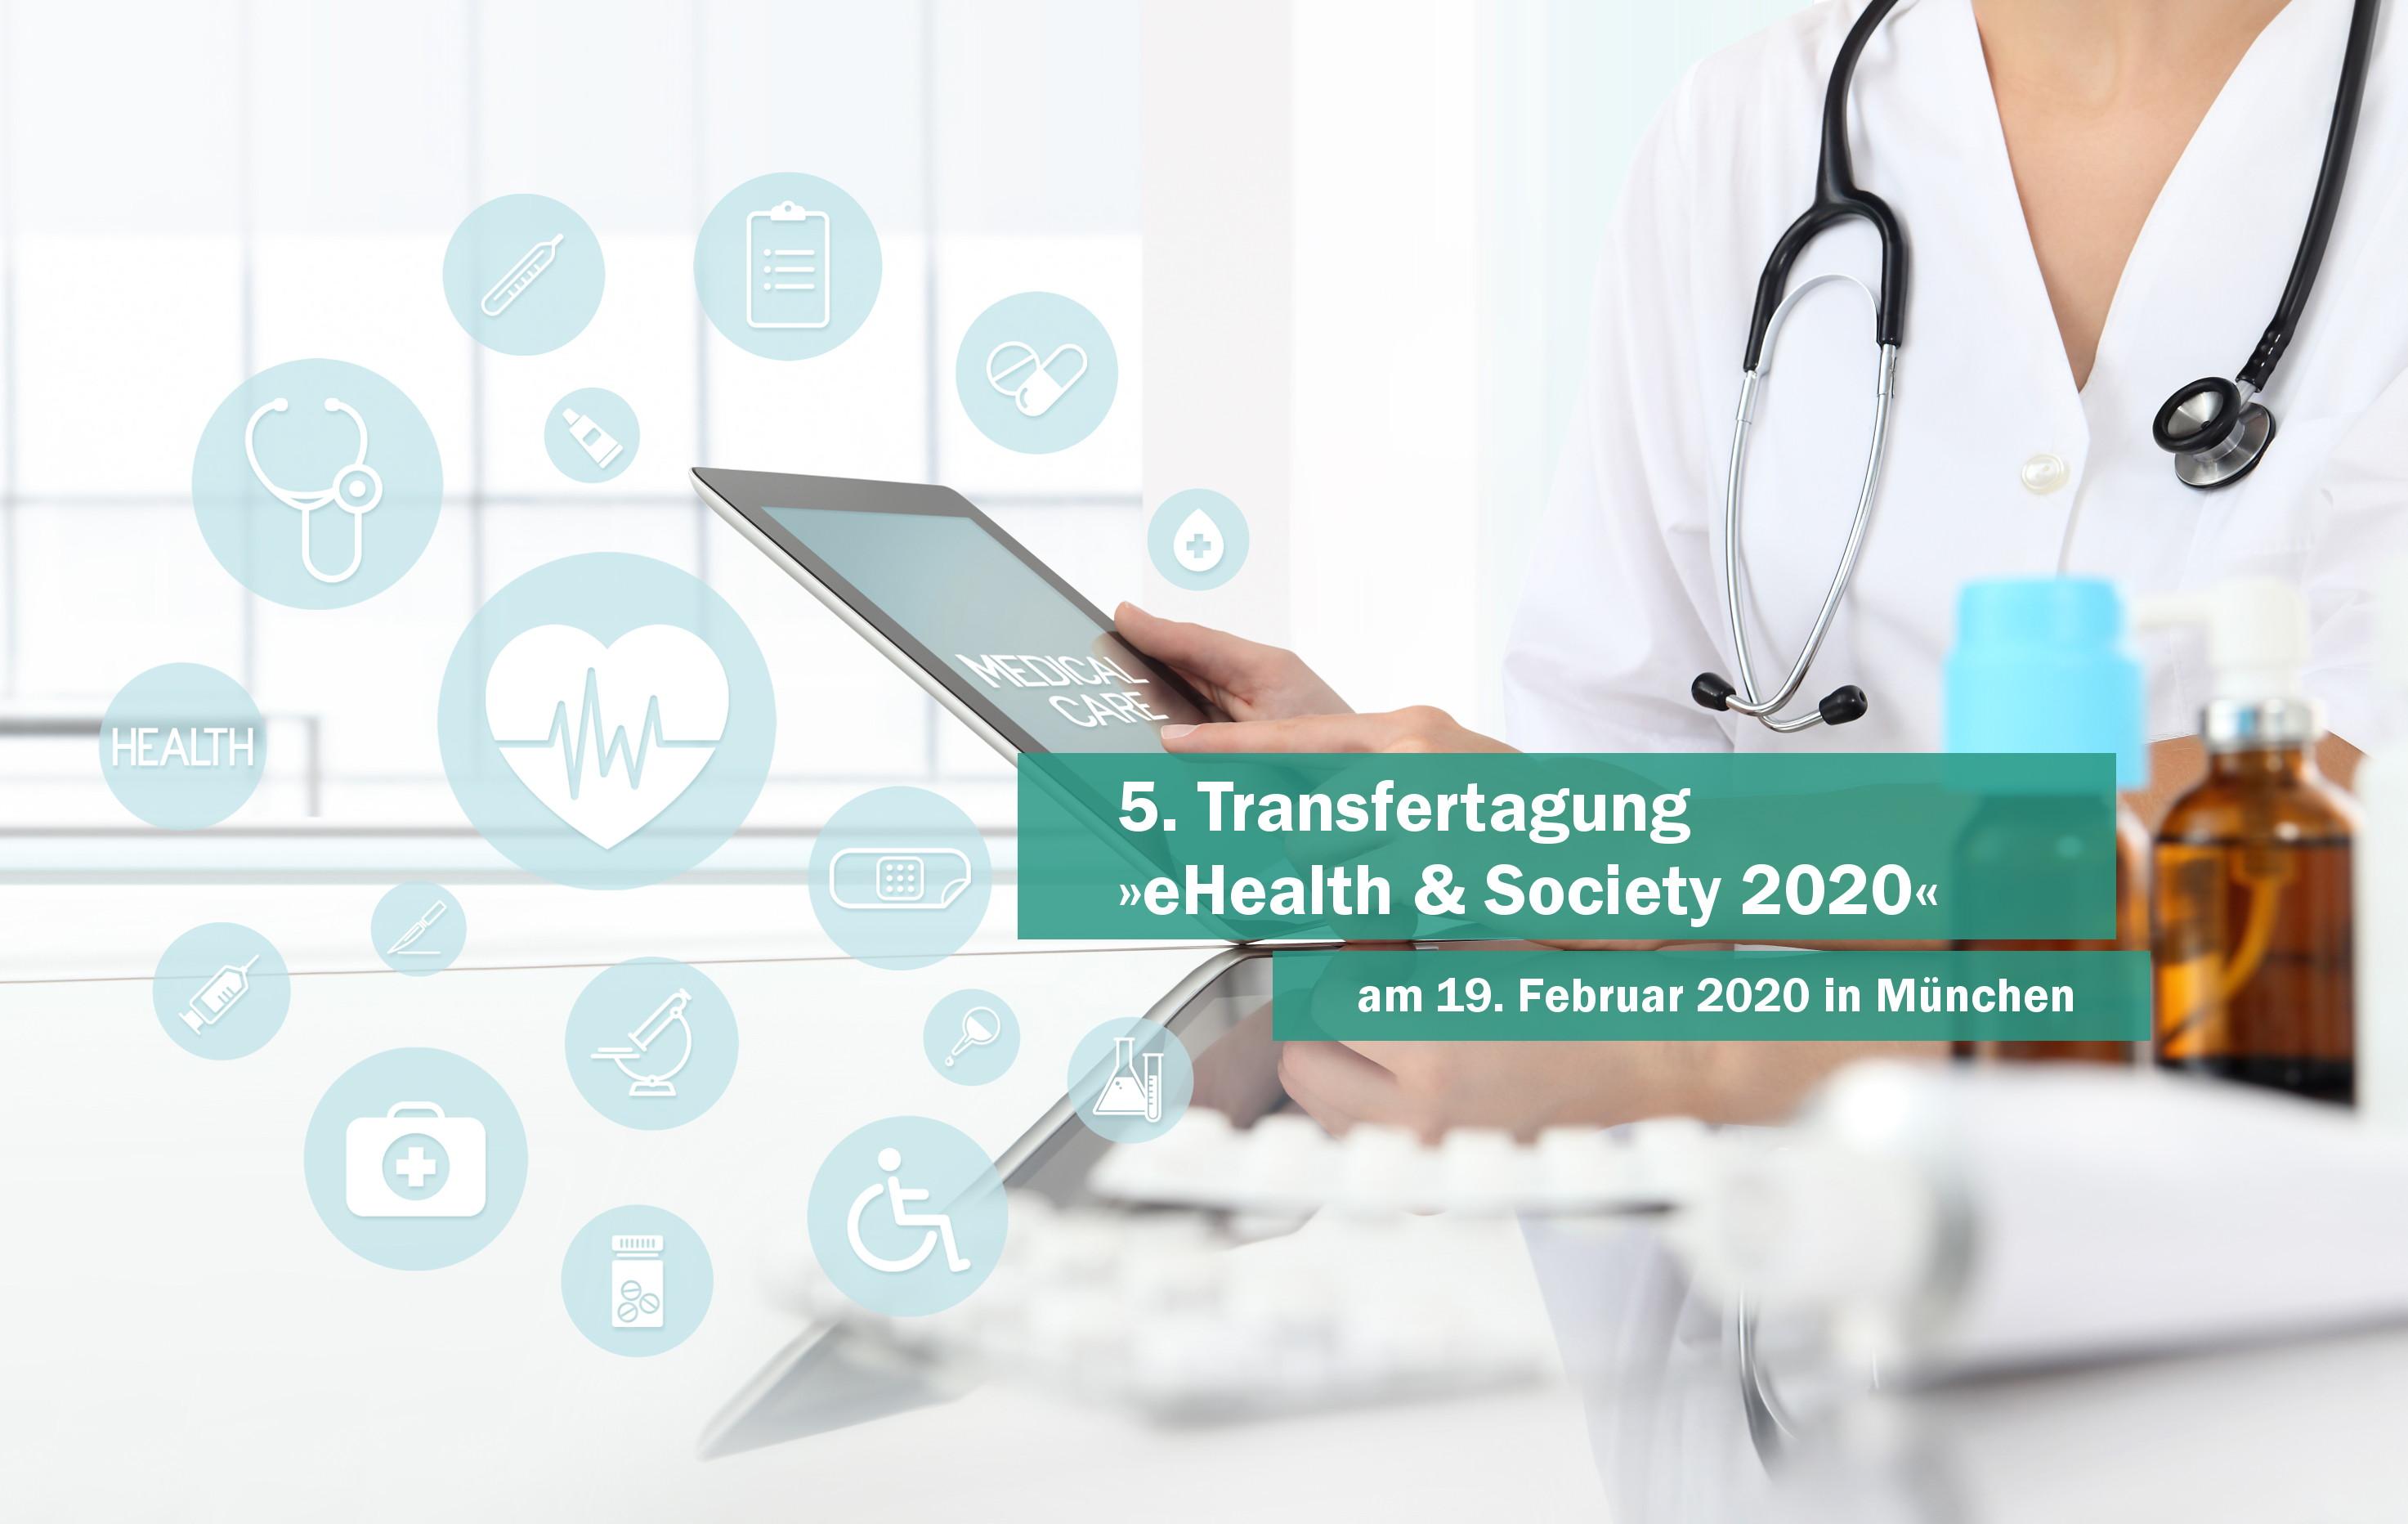 eHealth & Society 2020